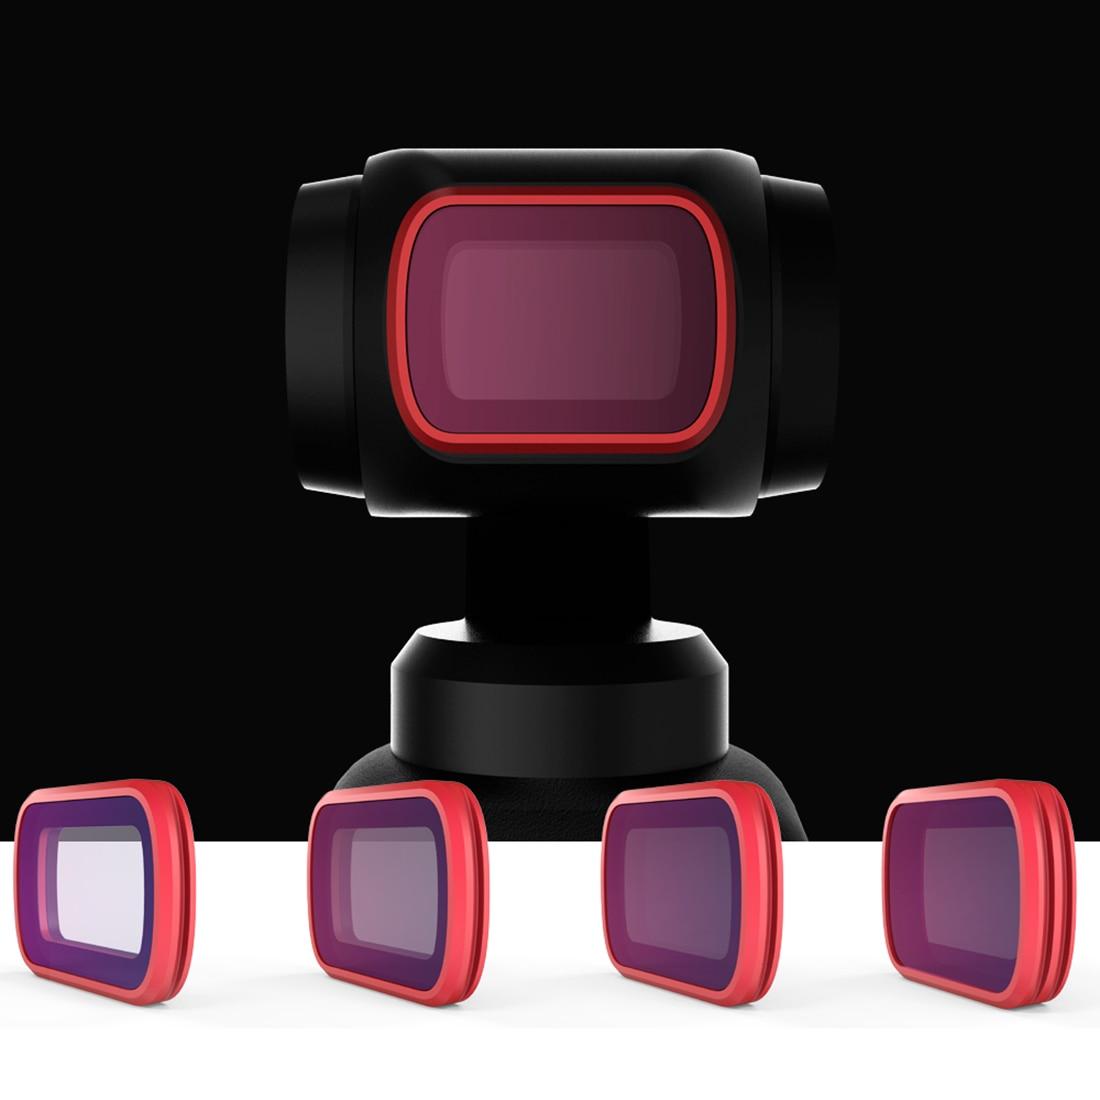 PGYTECH предзаказ продаж 4 шт Профессиональная версия набор фильтров с ND8/PL ND16/PL ND32/PL ND64/PL фильтр для DJI Осмо карман